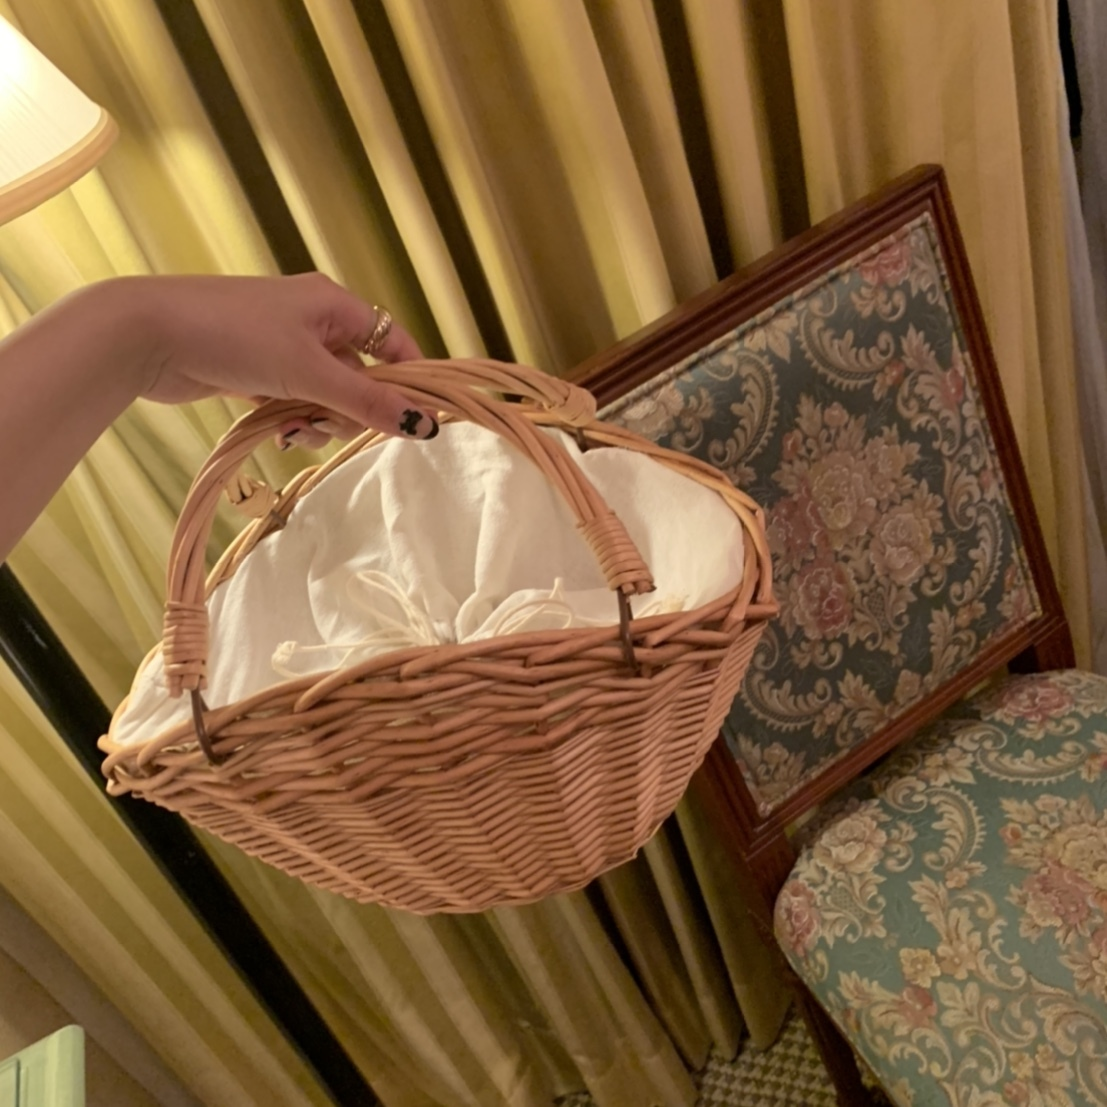 2/12 RESTOCK picnic rattan bag